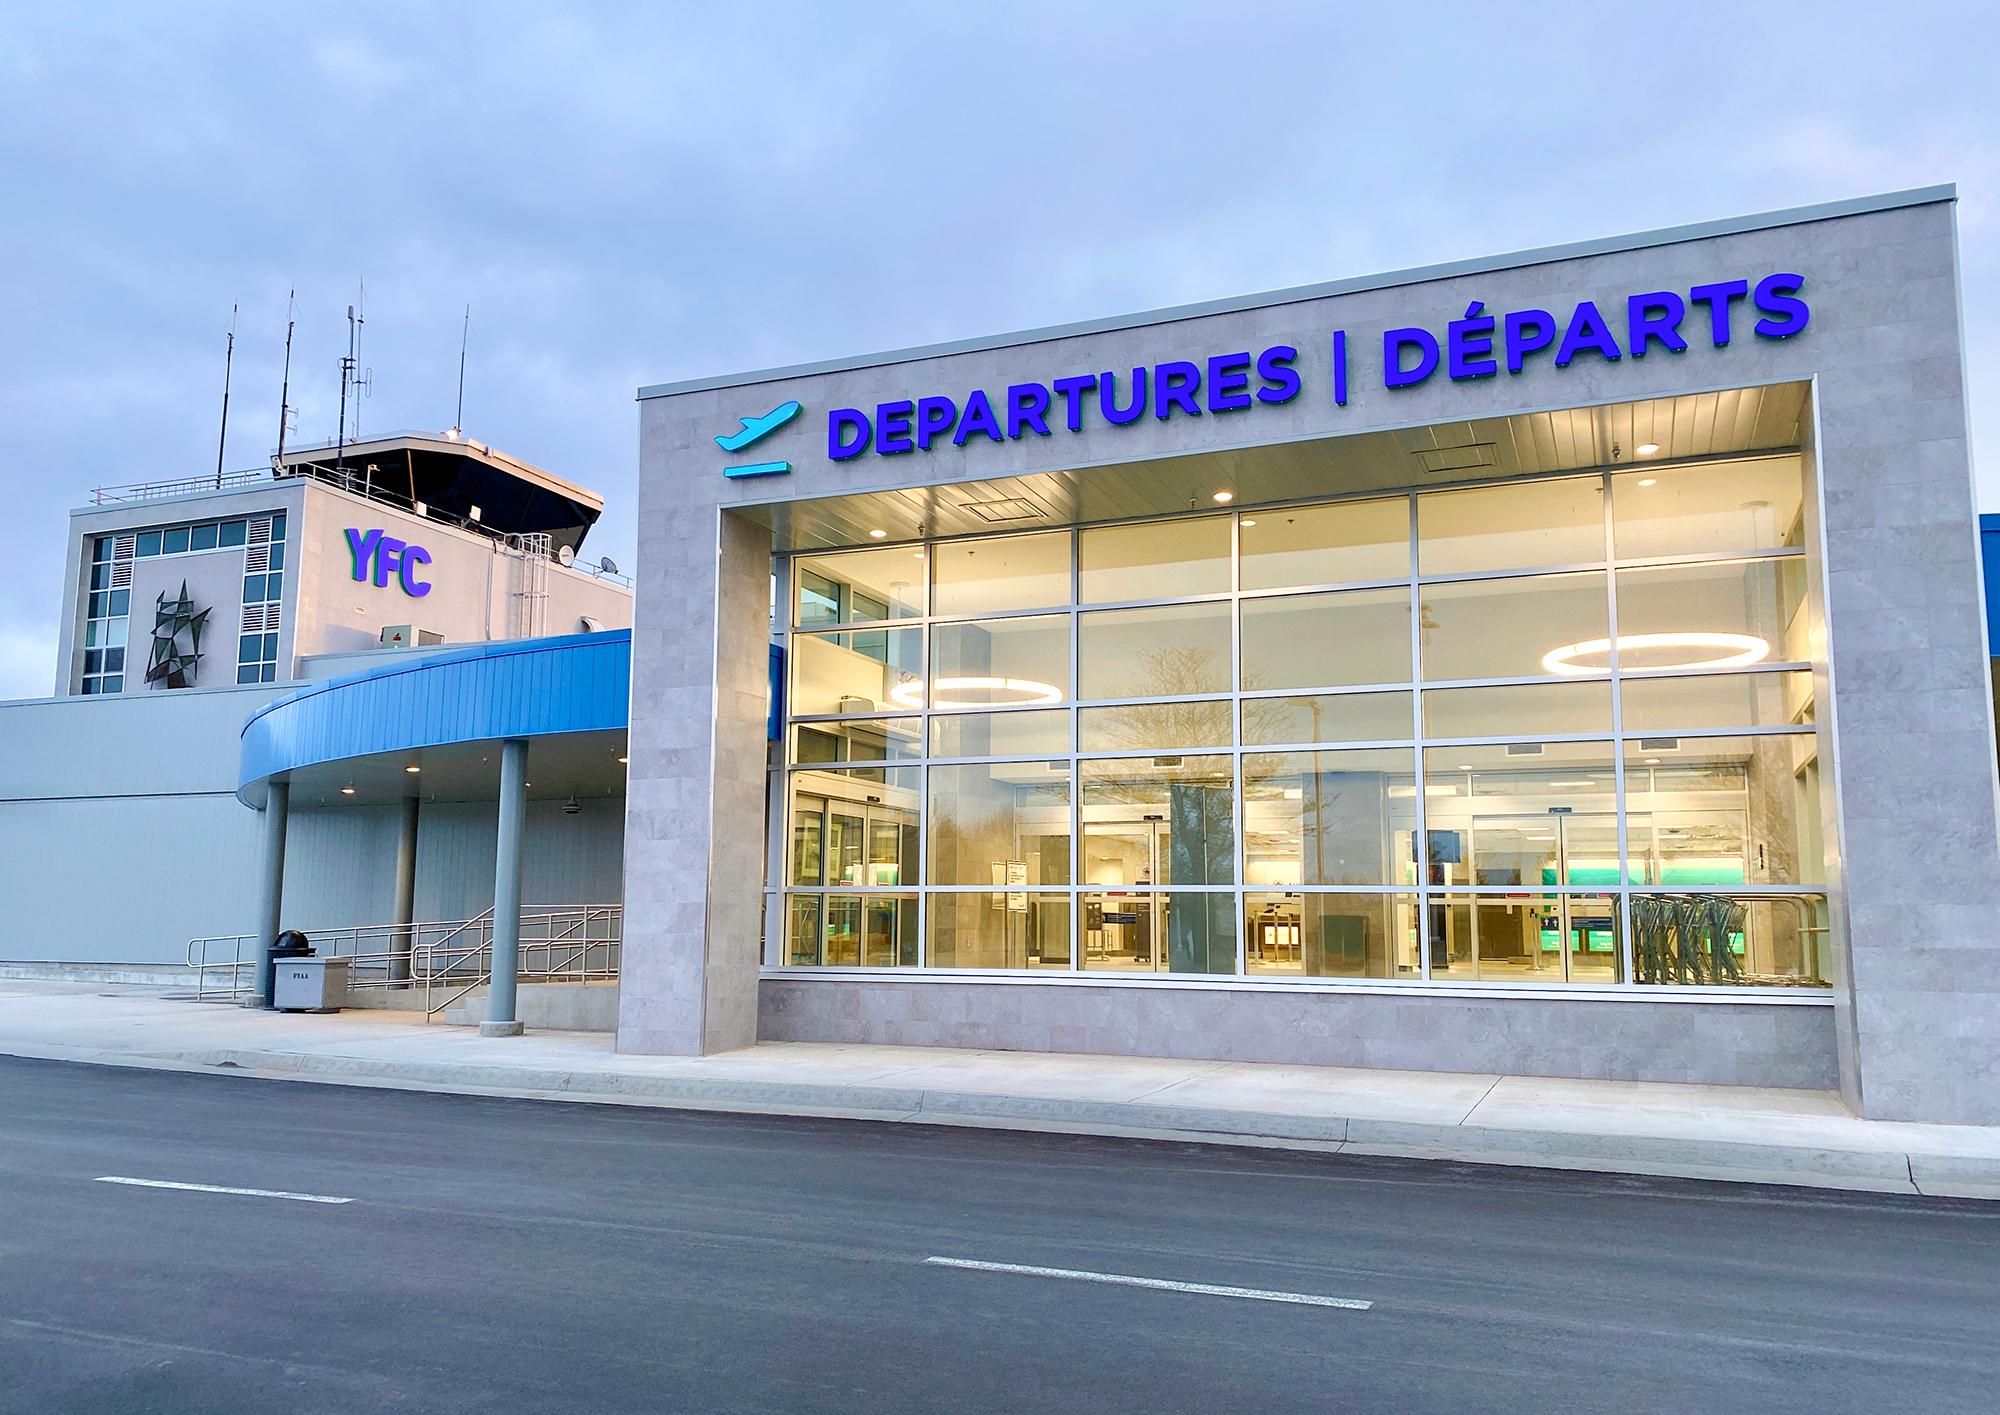 Terminal exterior April 2021